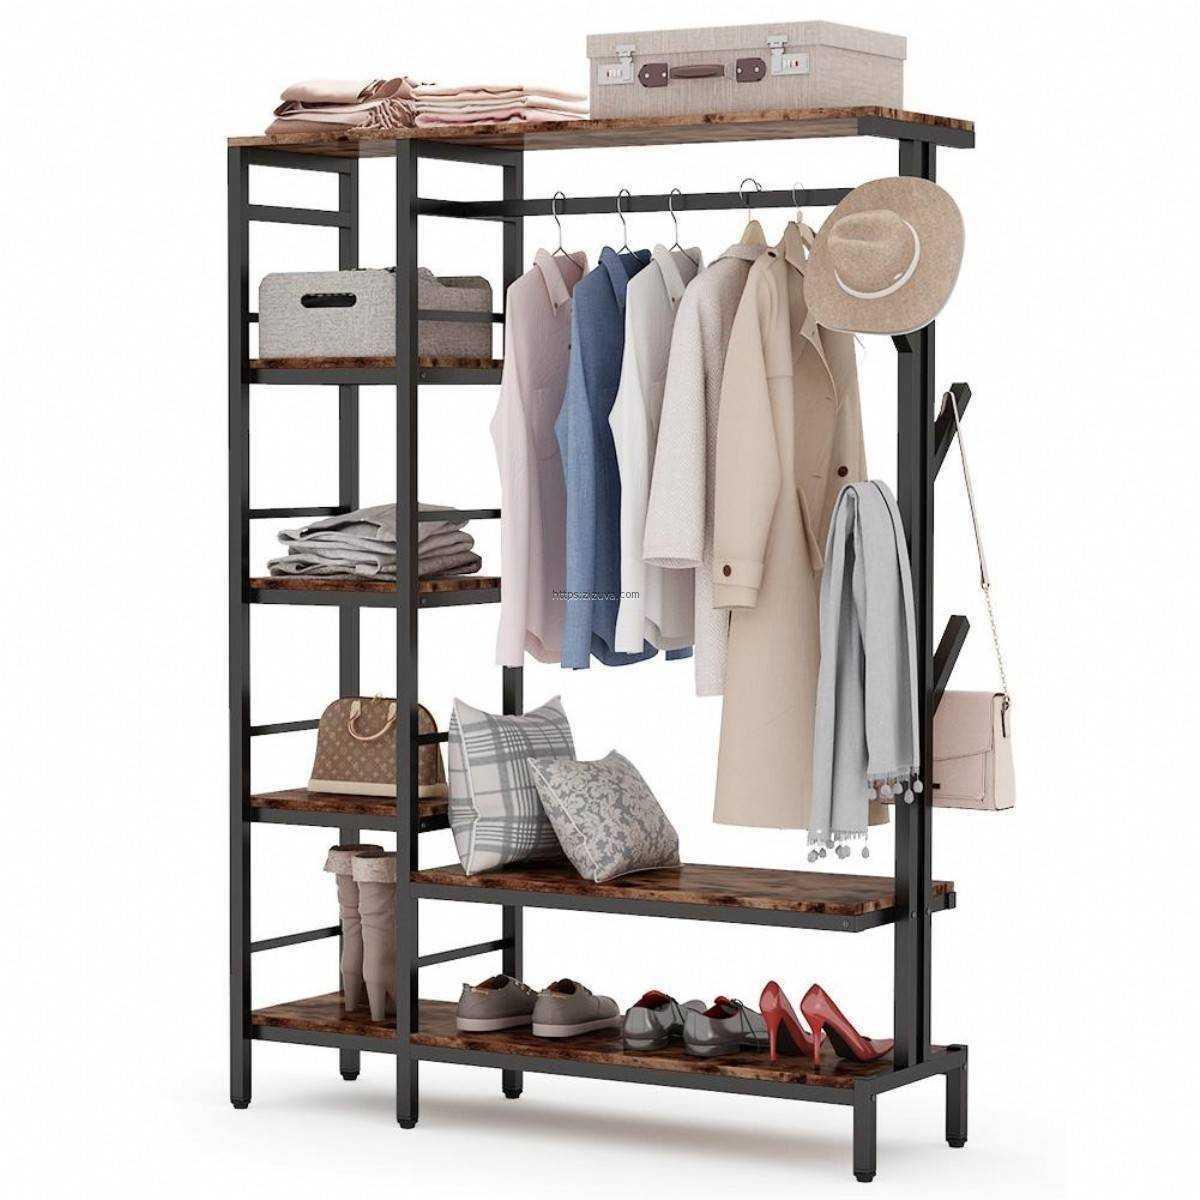 Zizuva Tasarım Giyinme Odası Butik Ayakkabı Elbise Düzenleyici Askılık Vestiyer